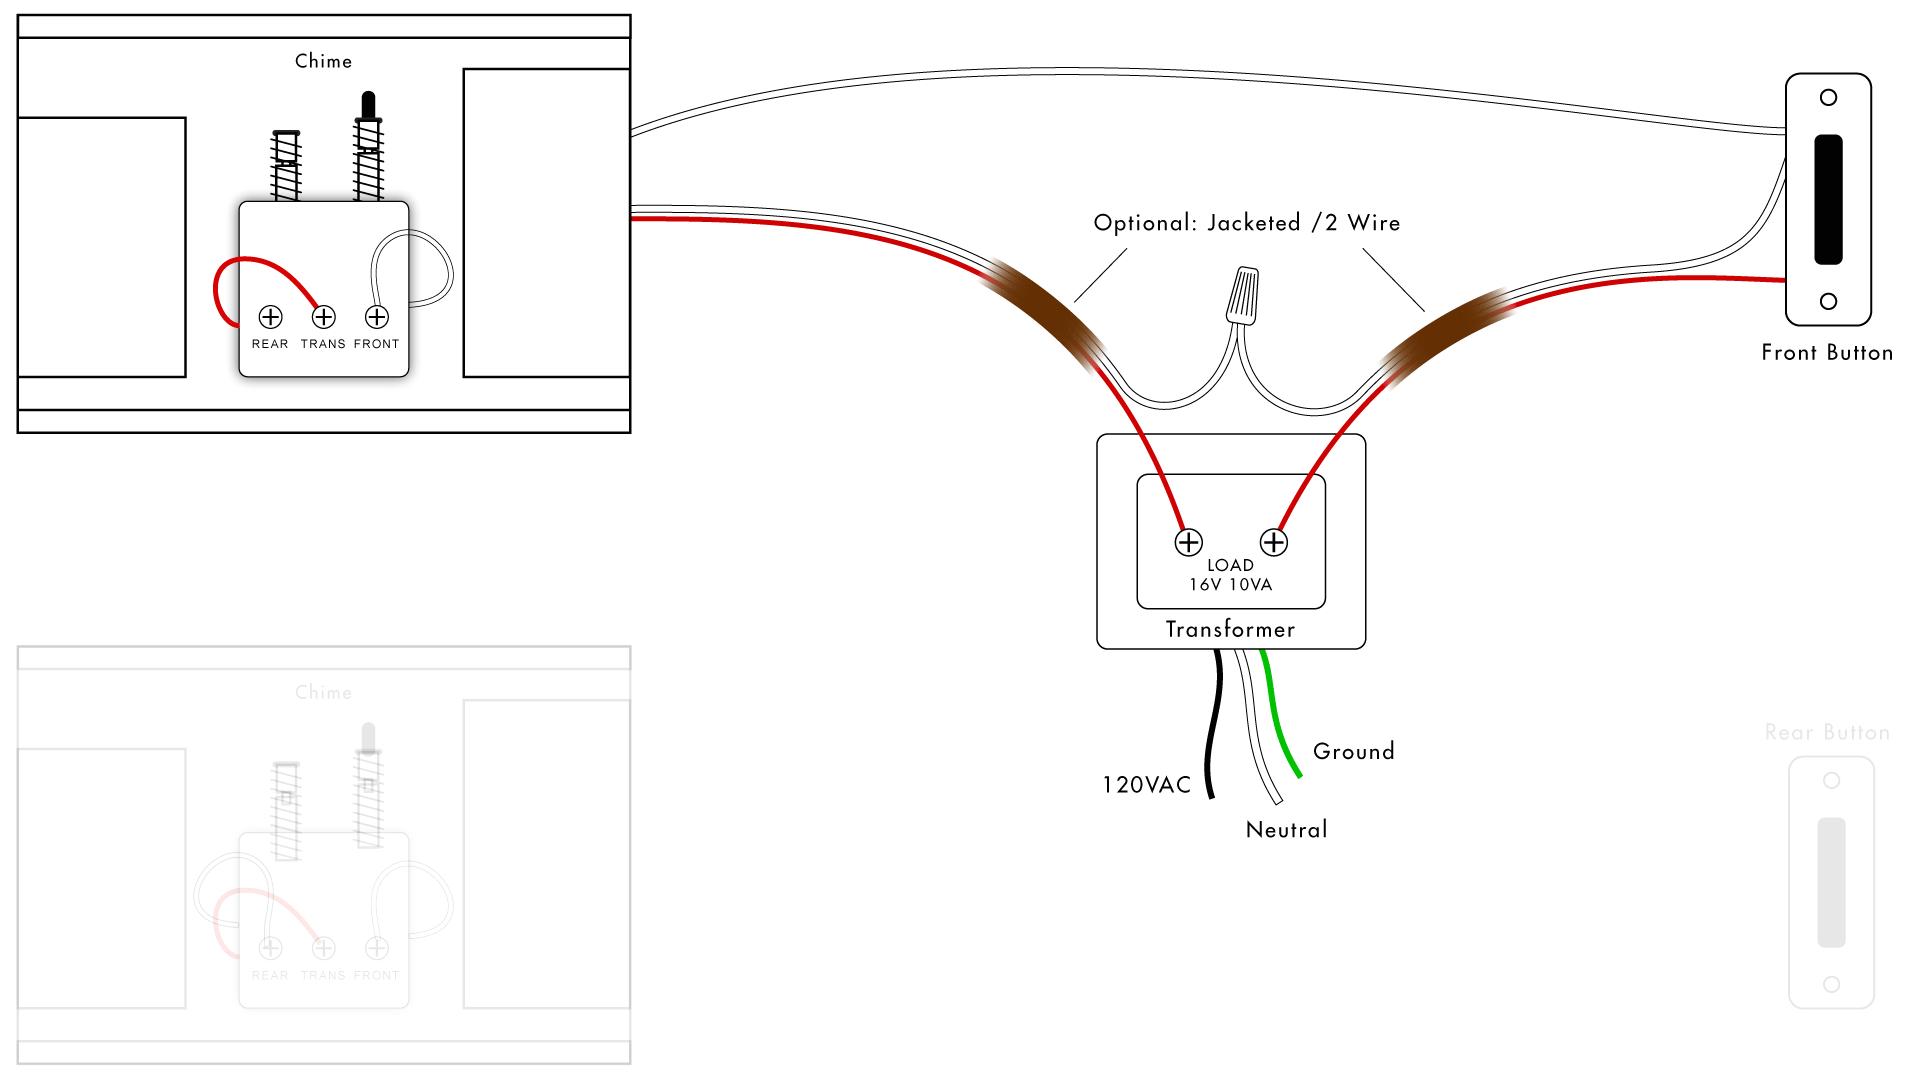 nutone wiring schematics wiring diagram autovehiclenutone wiring schematics